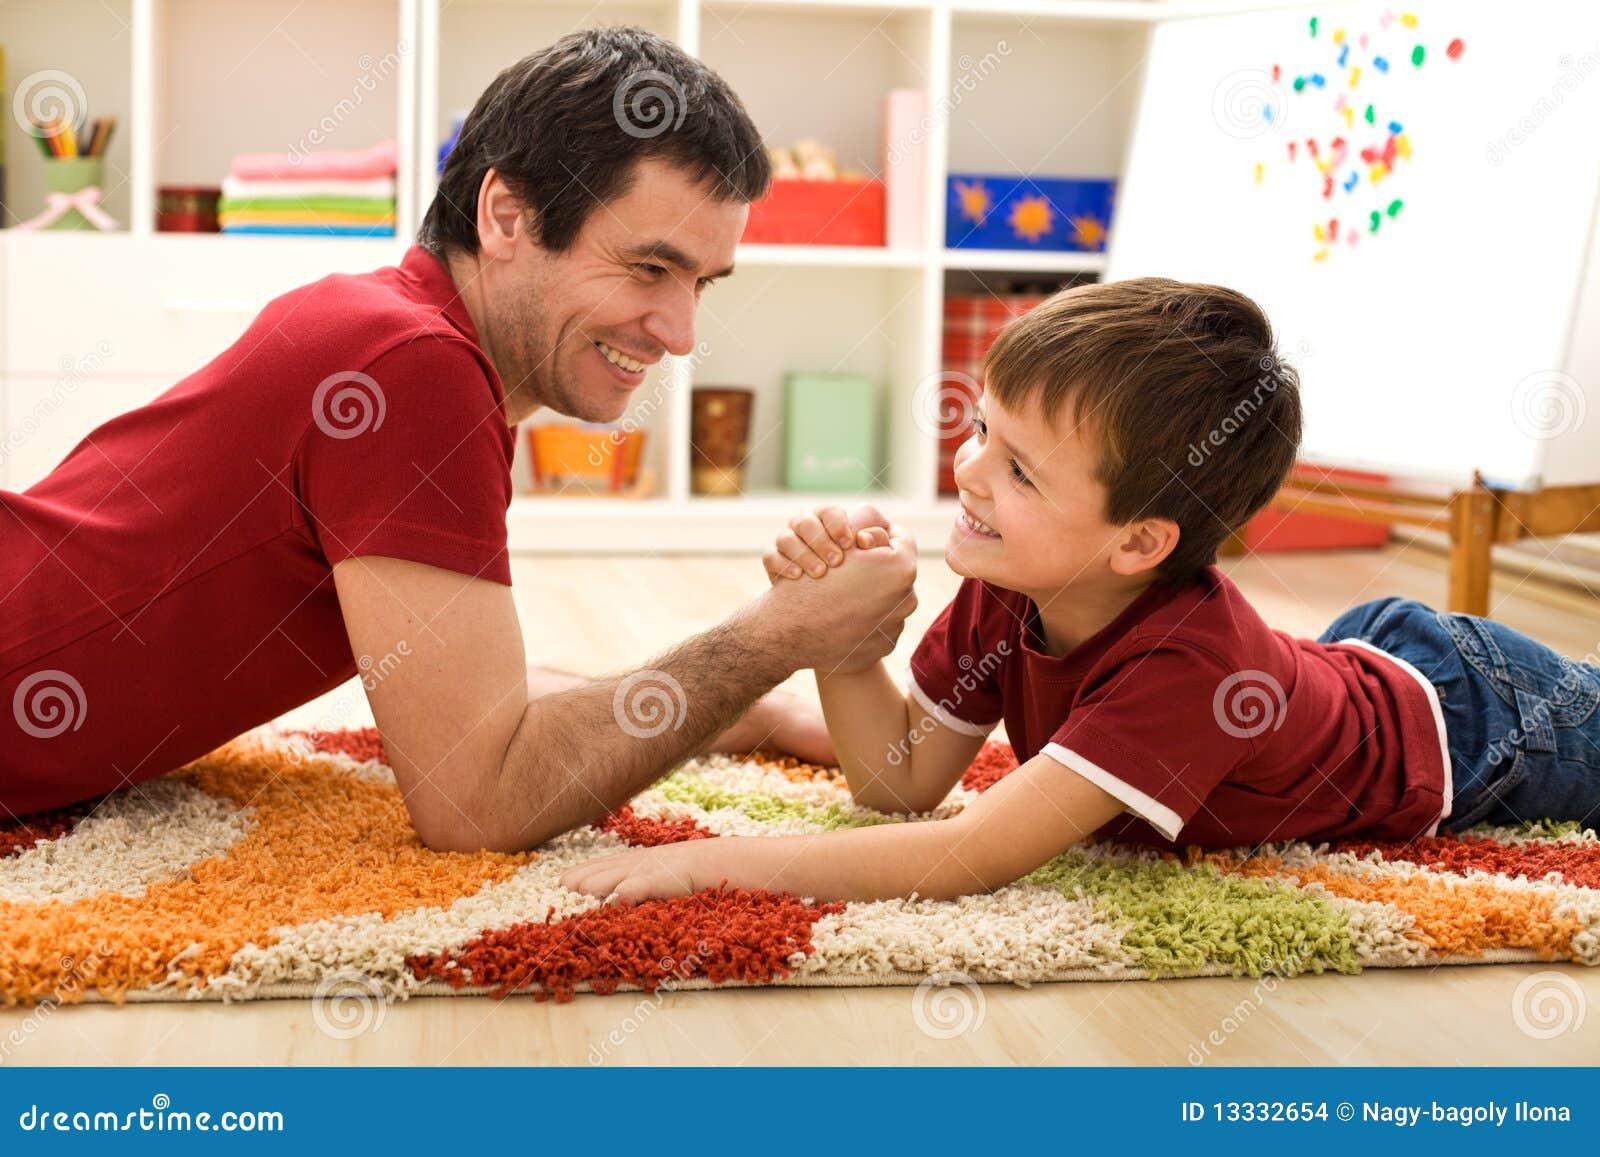 Szczęśliwy ręka ojciec zapaśnictwo dzieciaka zapaśnictwo